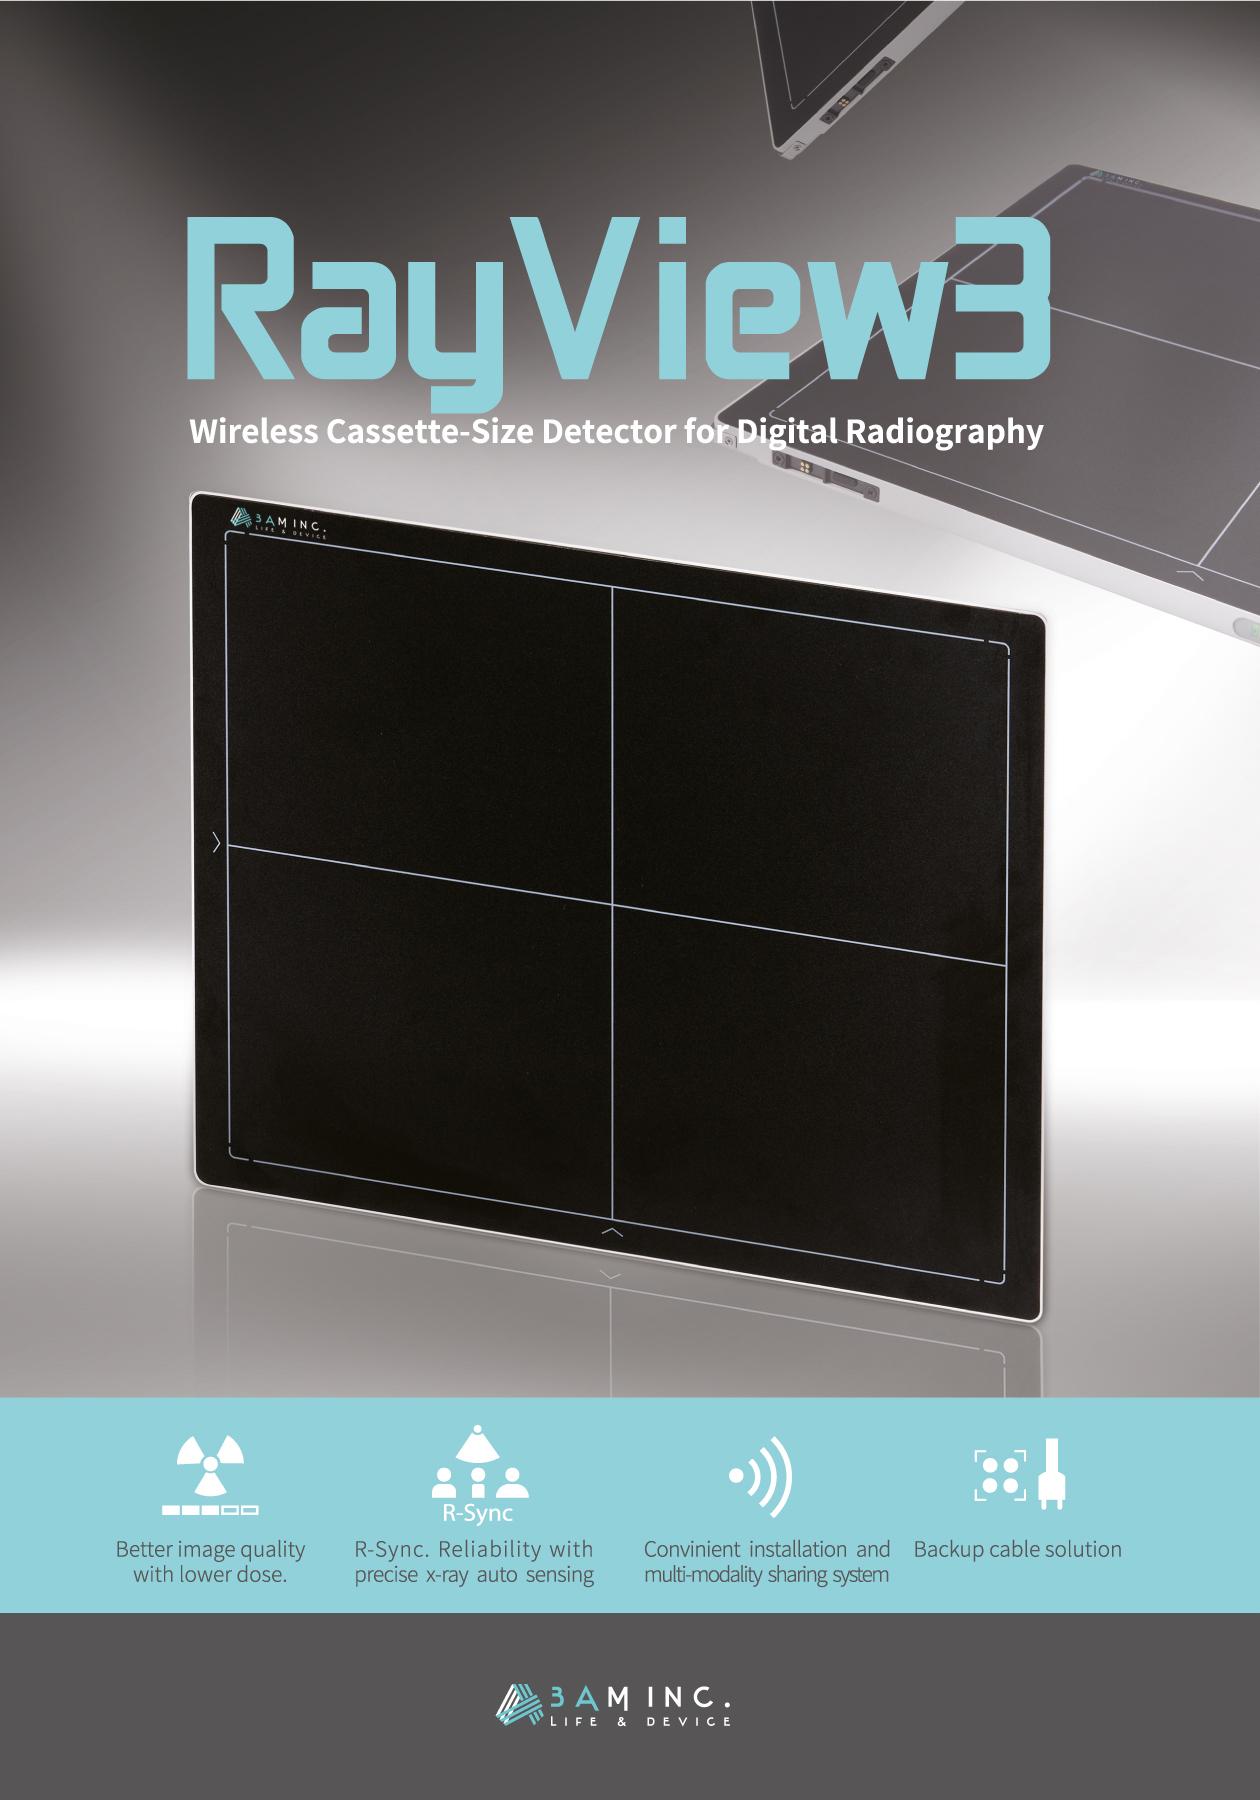 rayview3_ca_1